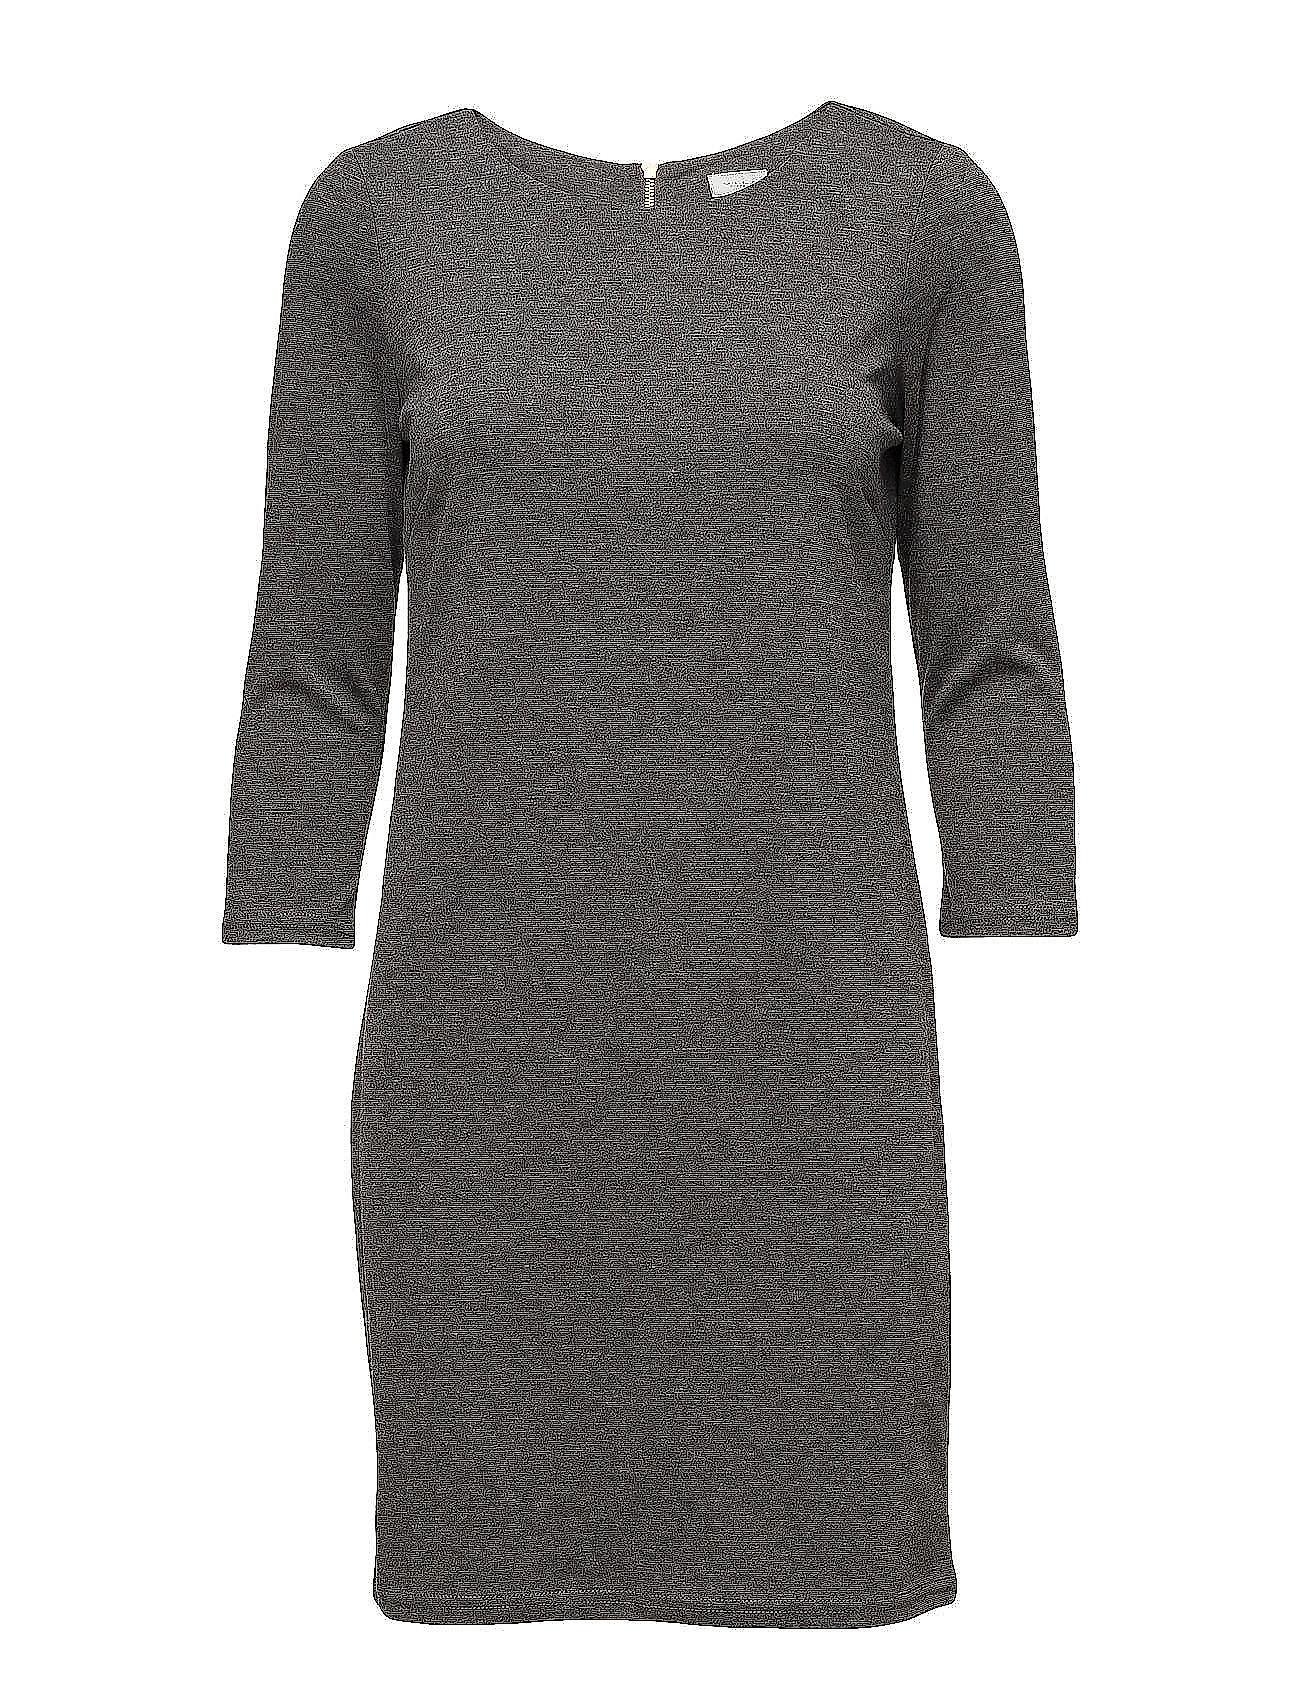 Grey Dress Vitinny New noosmedium MelangeVila Yfv6g7Iybm